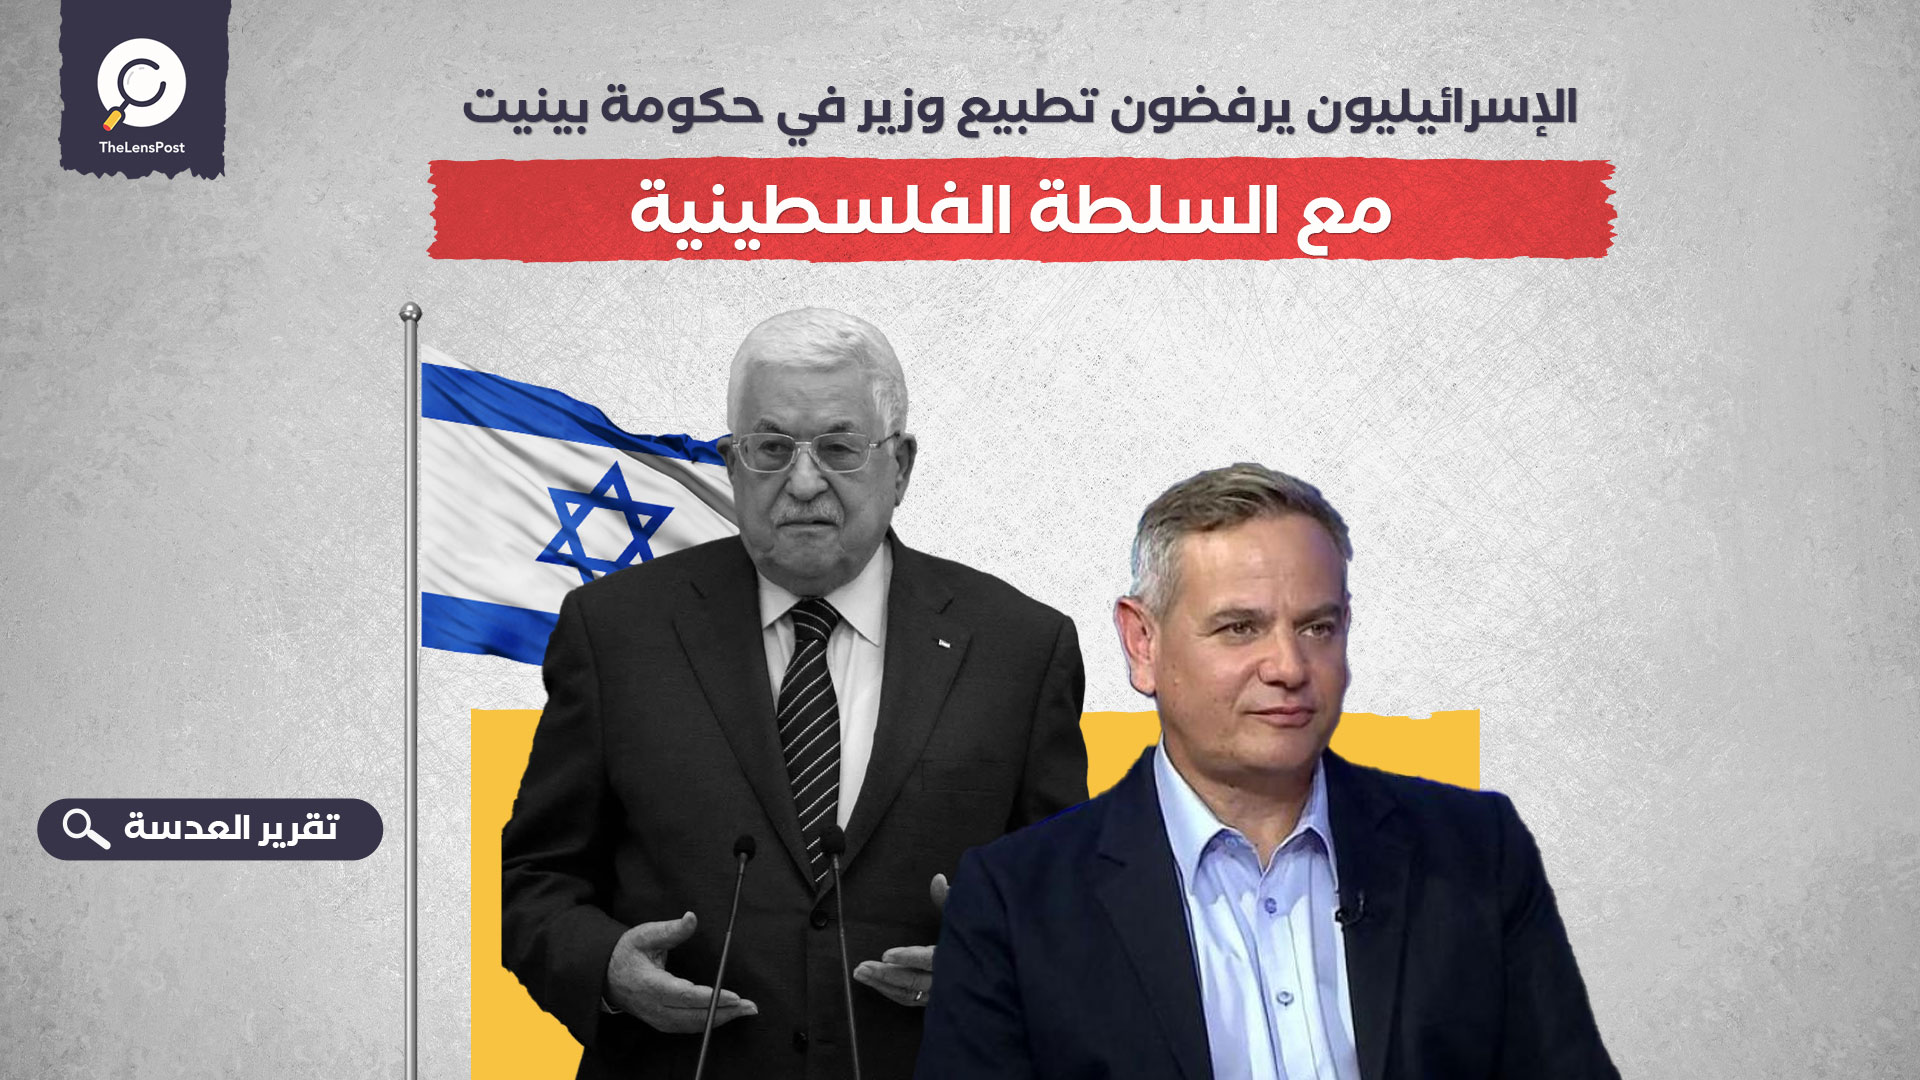 الإسرائيليون يرفضون تطبيع وزير في حكومة بينيت مع السلطة الفلسطينية